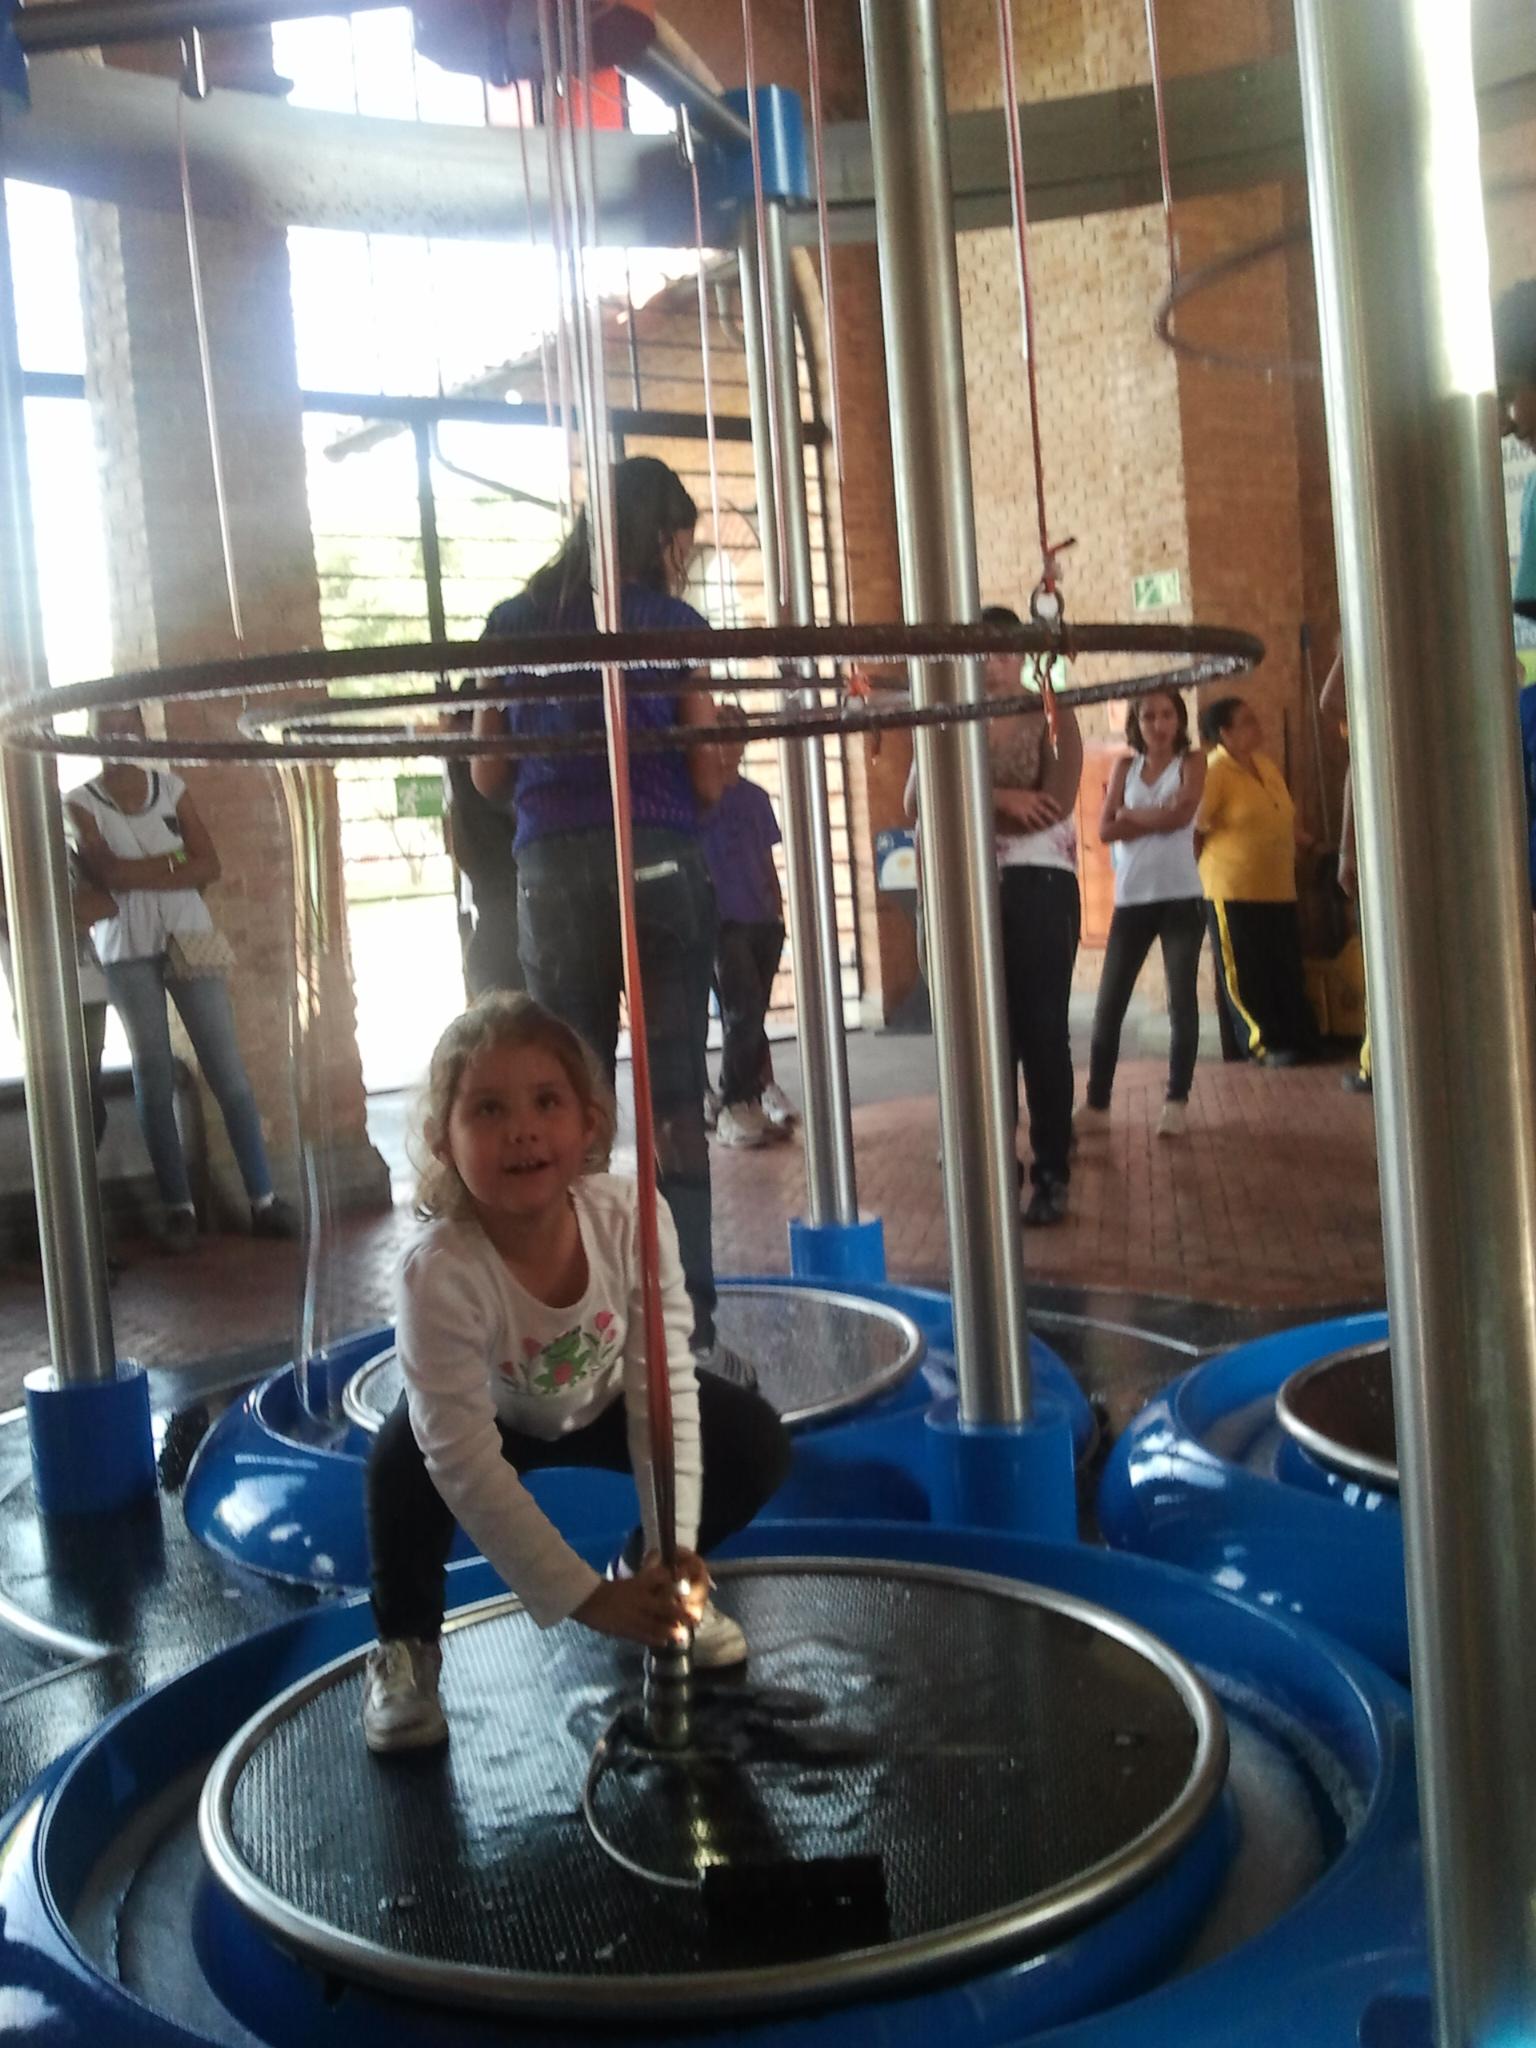 Diana fazendo uma bolha ao redor de si